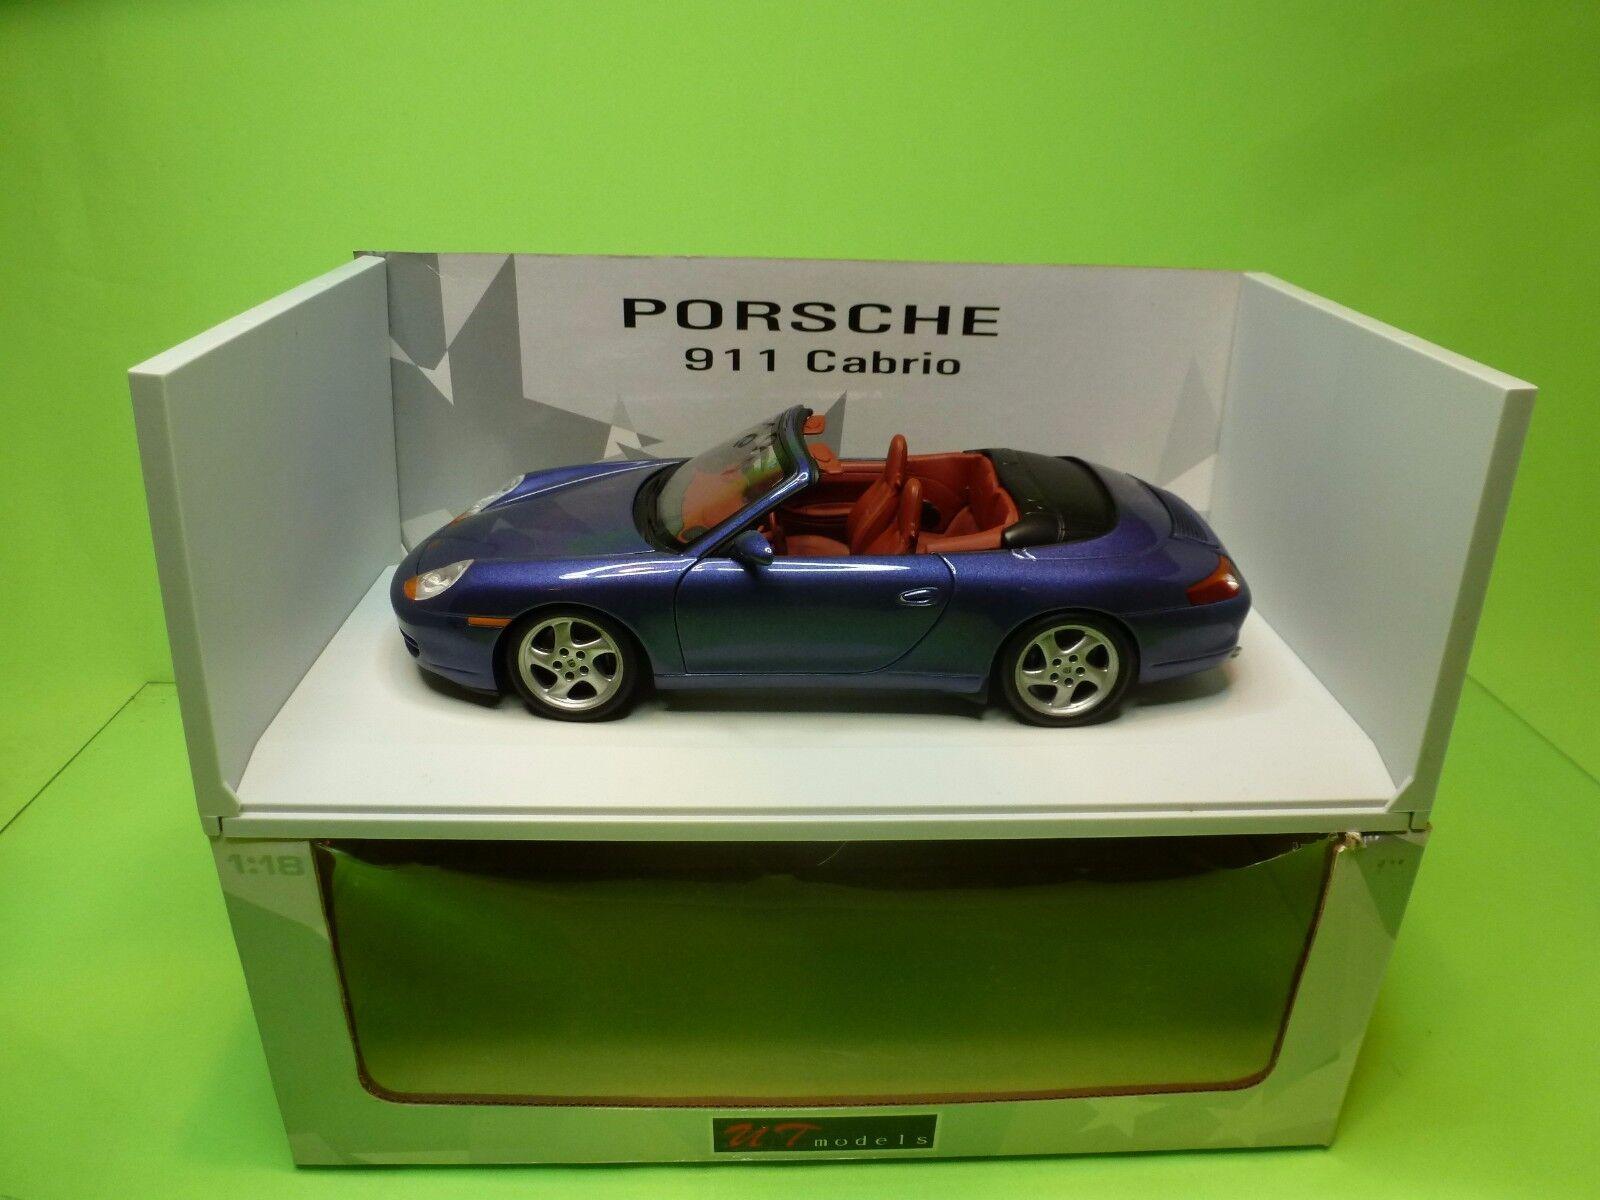 UT MODELS 27907 PORSCHE 911 CABRIOLET - METALLIC blu 1 18 - EXCELLENT IN BOX